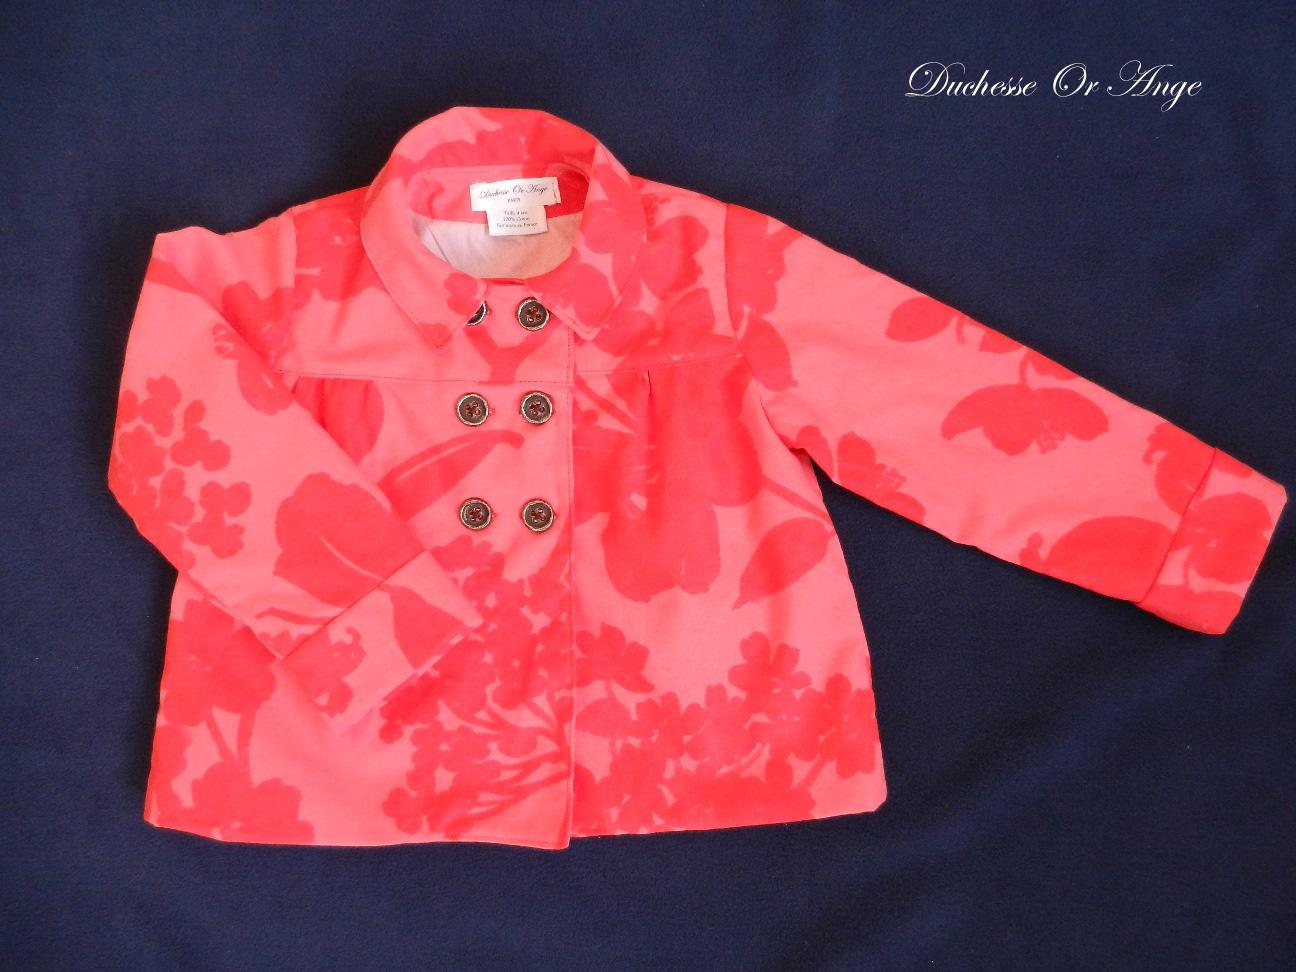 Doa 80 veste enfant rouge et rose red and pink child jacket a